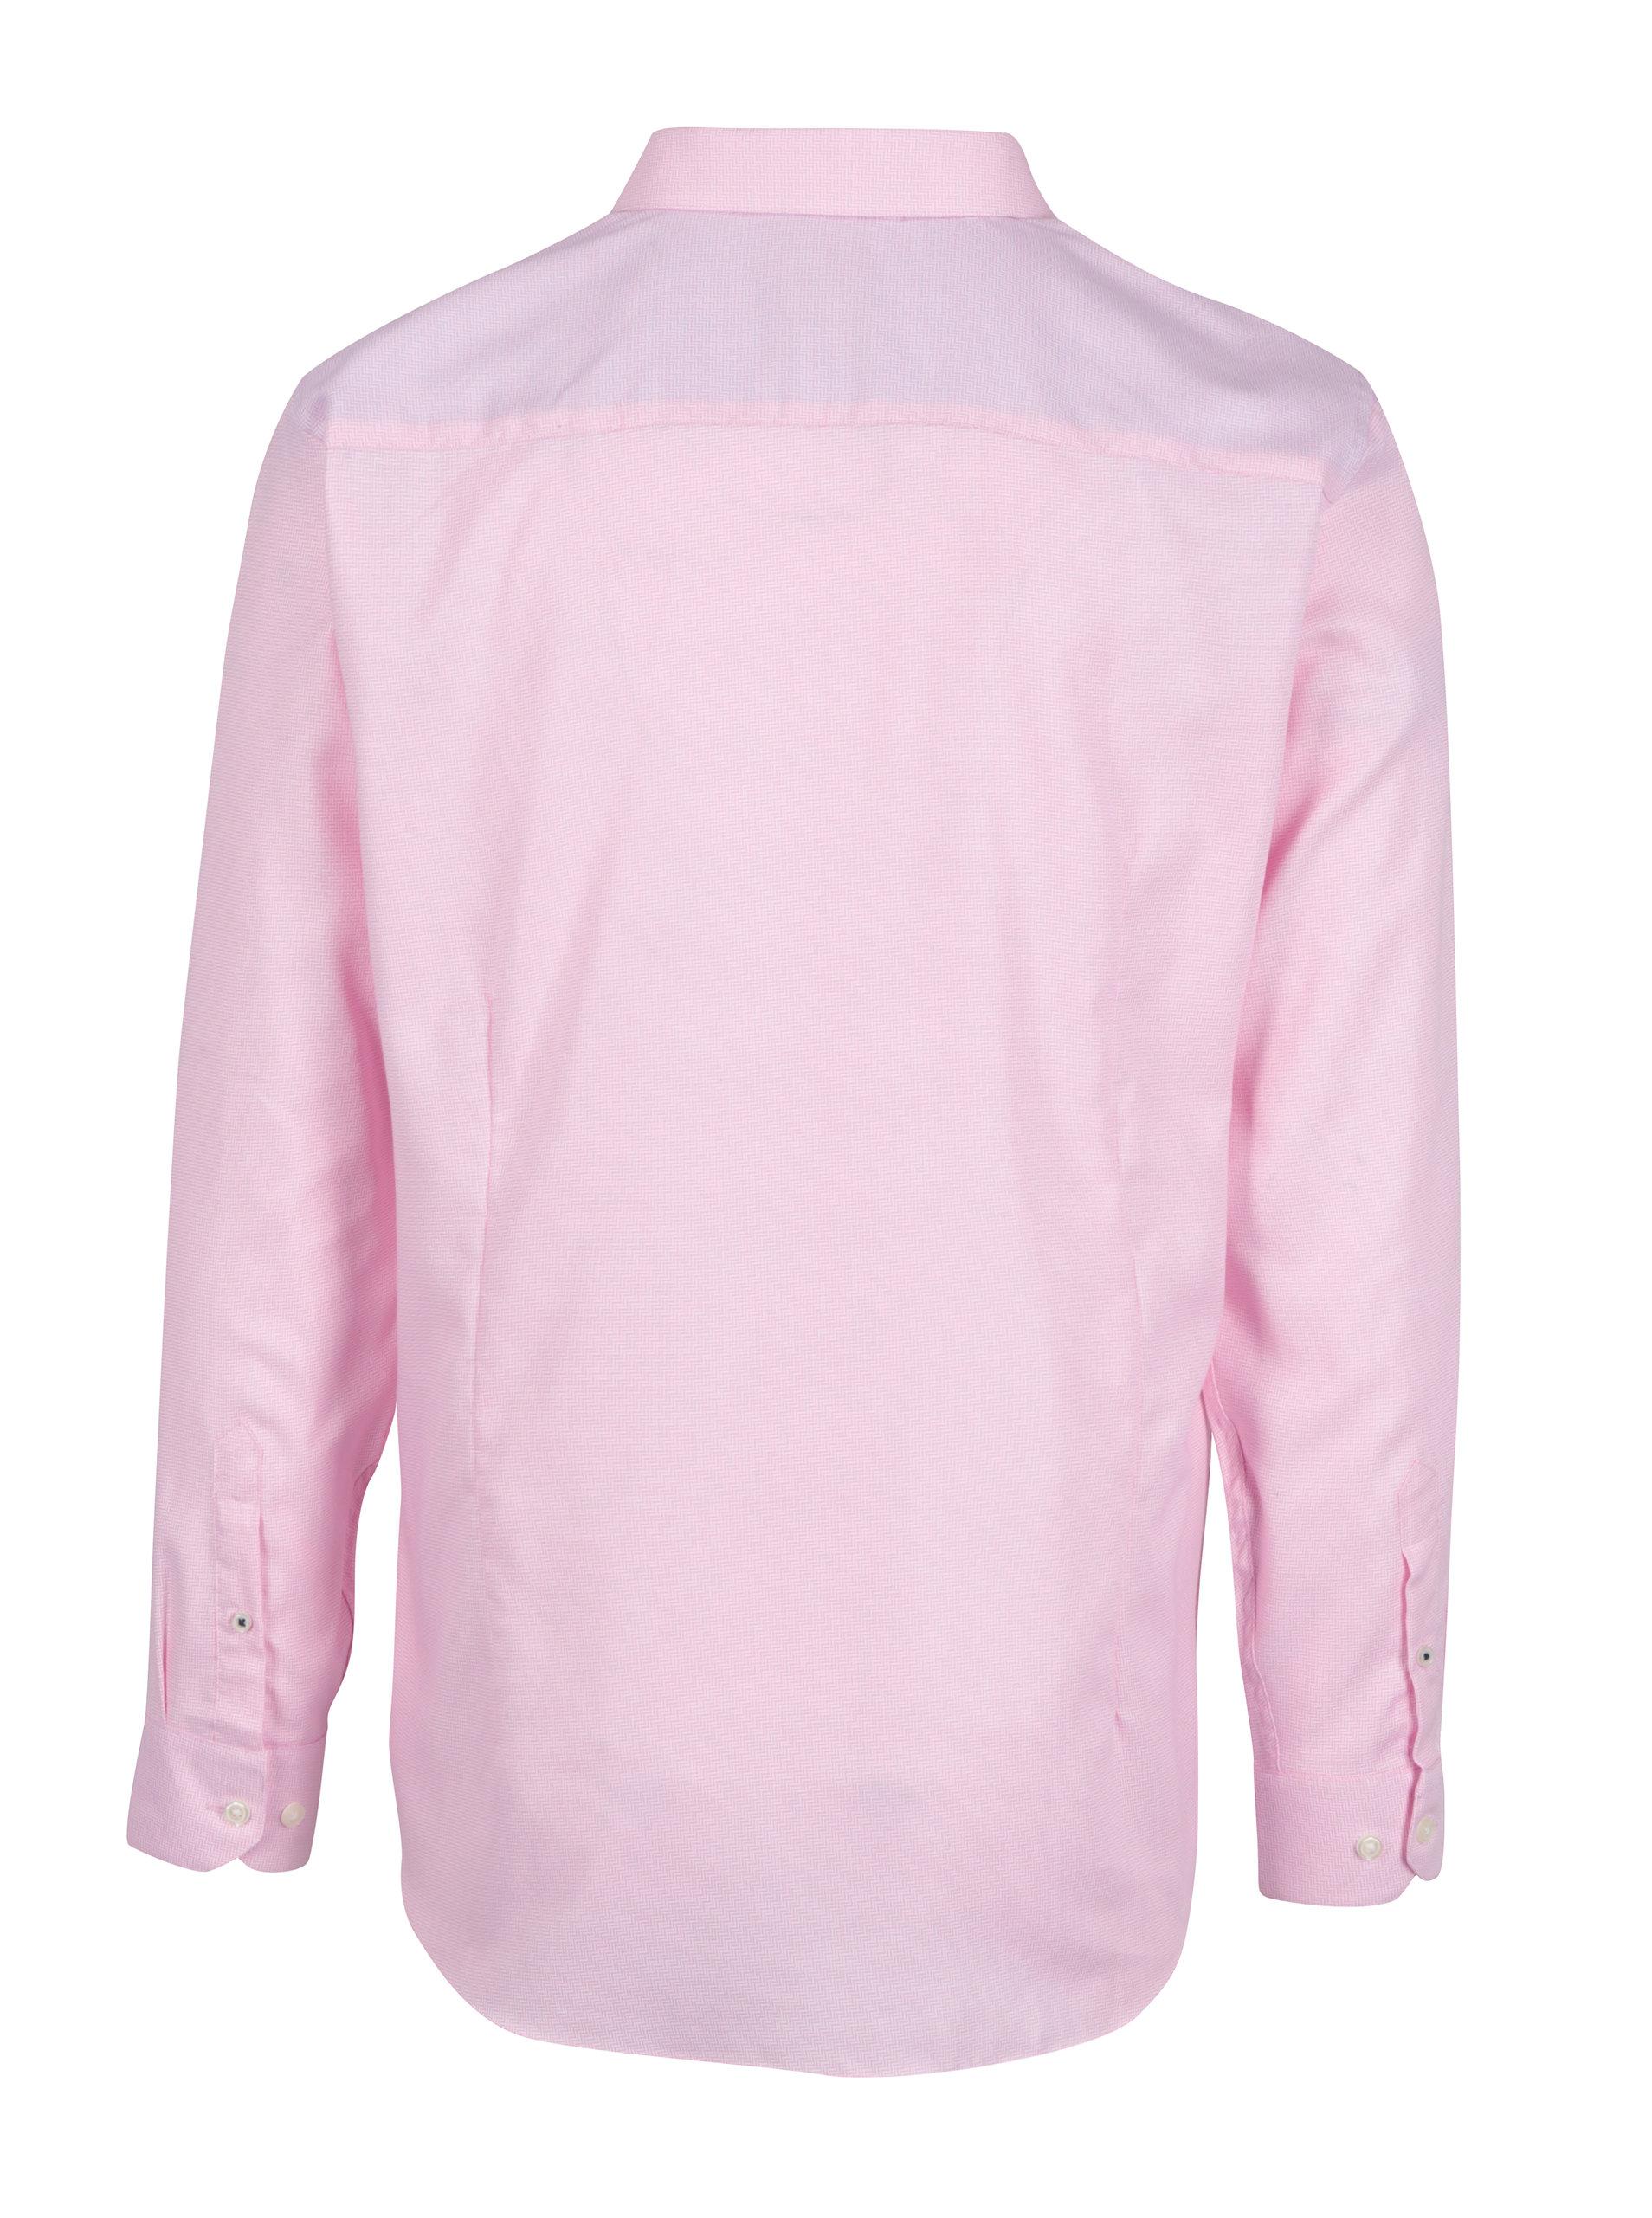 804eceee7e82 Ružová formálna tailored fit košeľa s jemným vzorom Burton Menswear London  ...